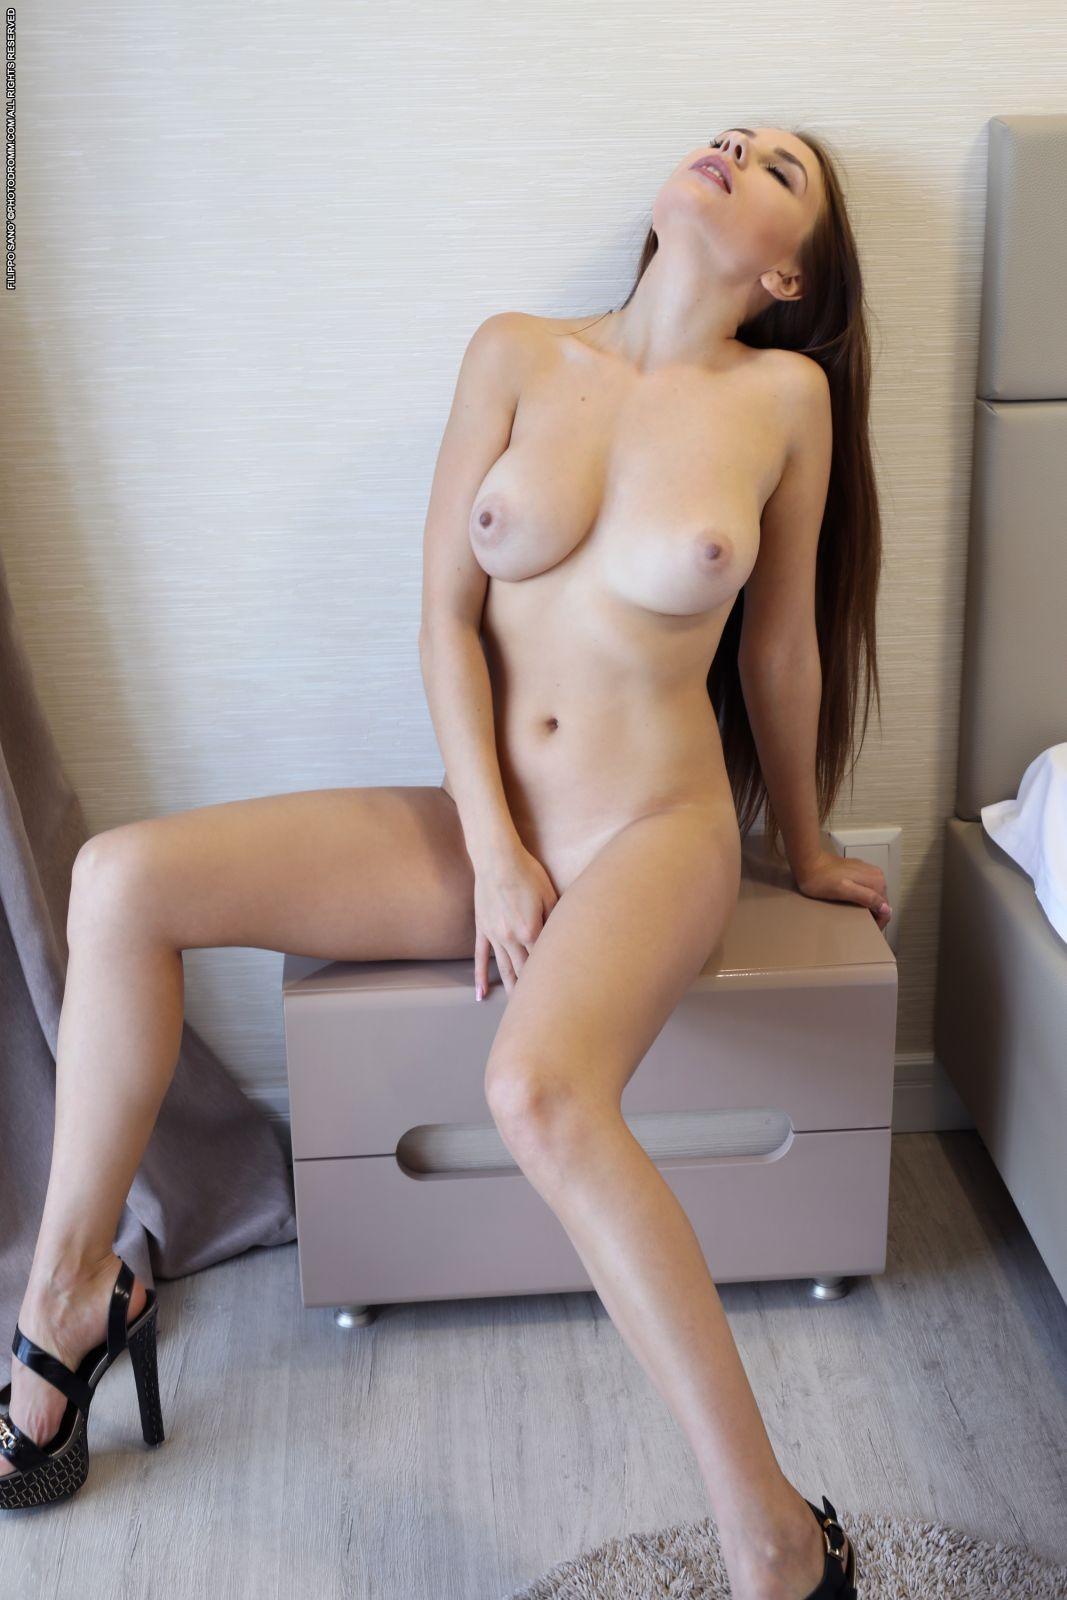 Сучка показала красивые дойки в отеле - фото